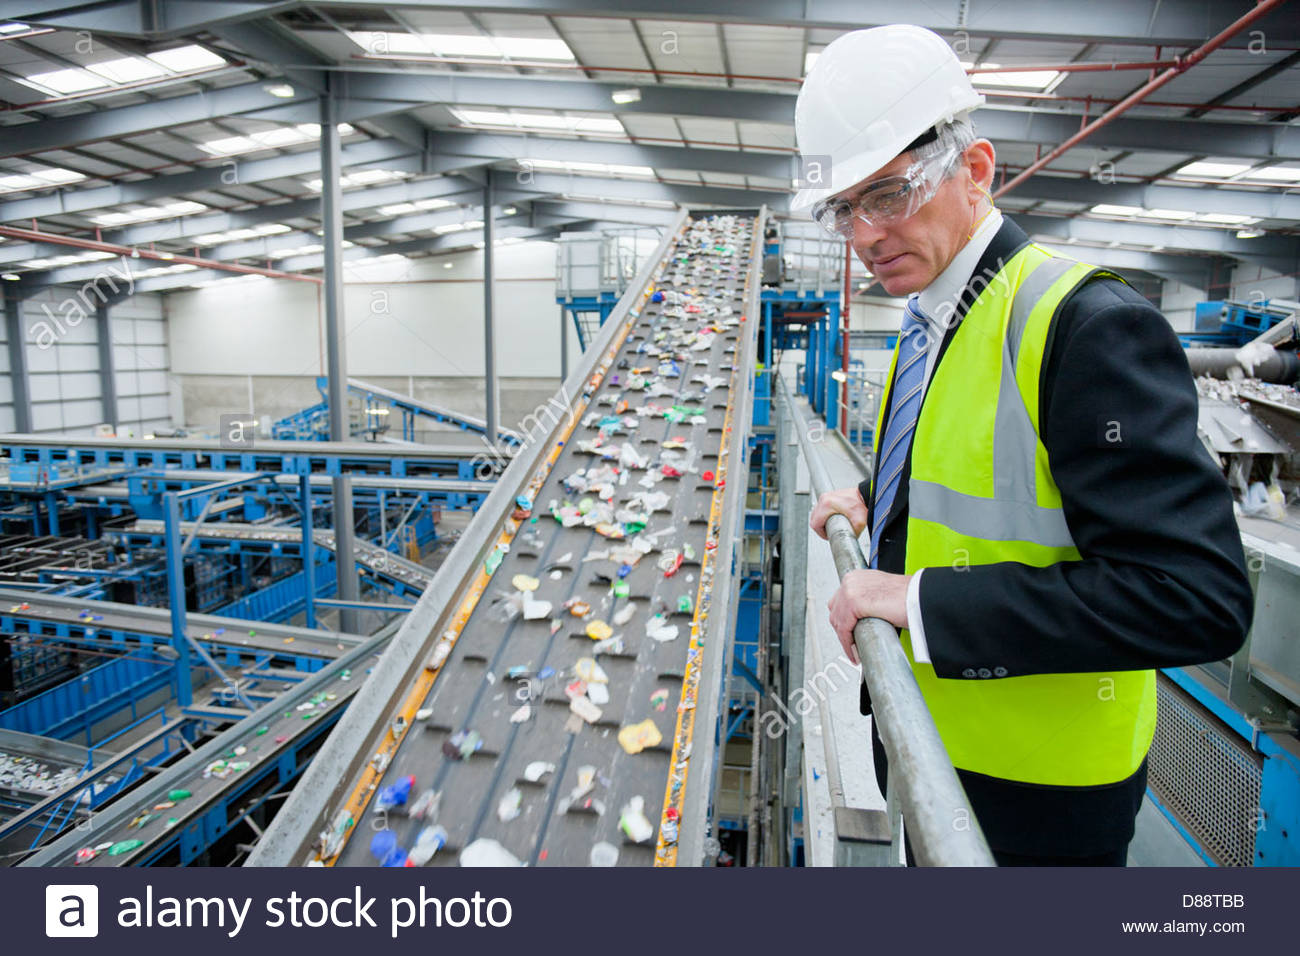 Geschäftsmann gerade Kunststoff auf Förderband in recycling-Anlage Stockbild